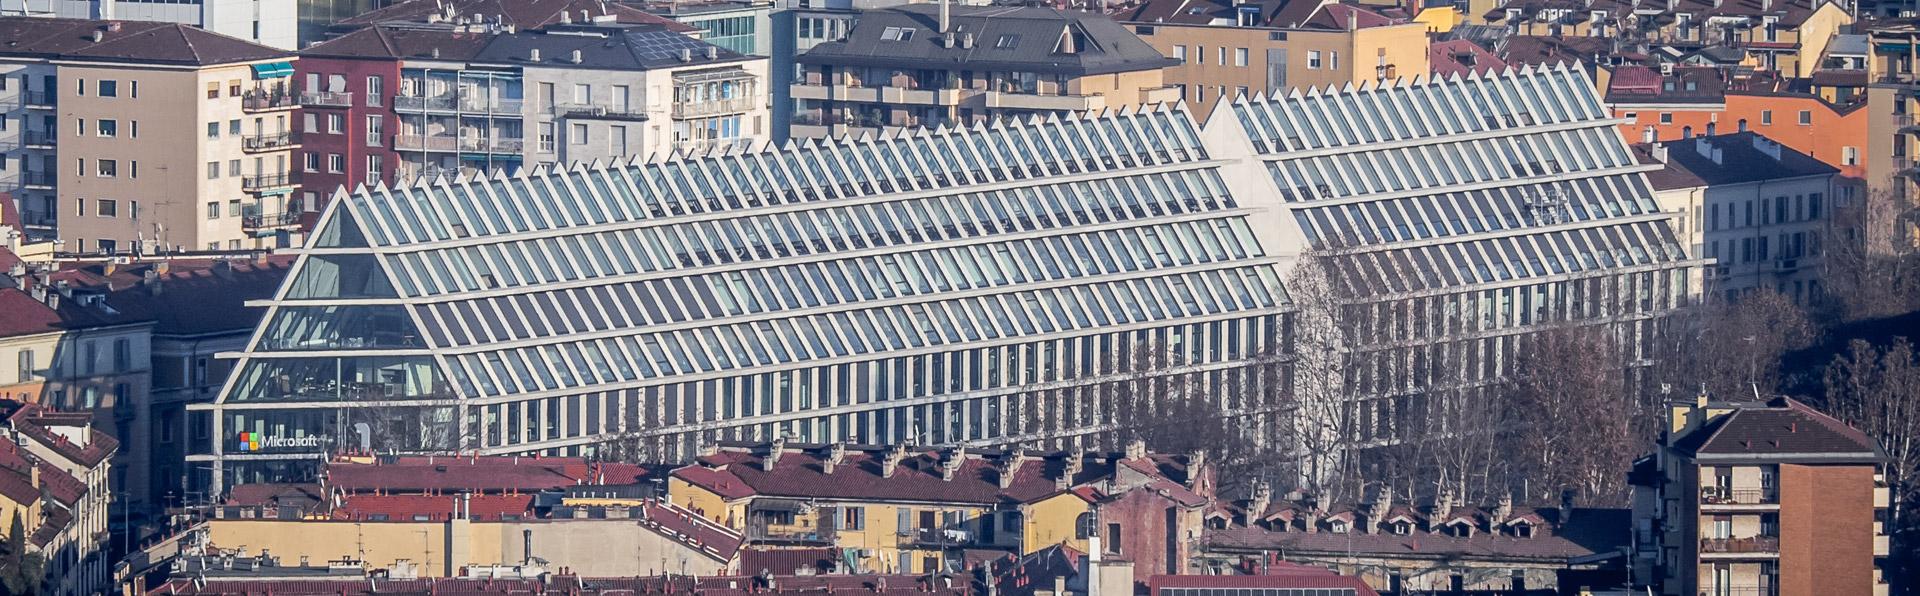 cmb-construction-edilizia-fondazione-feltrinelli-foundation